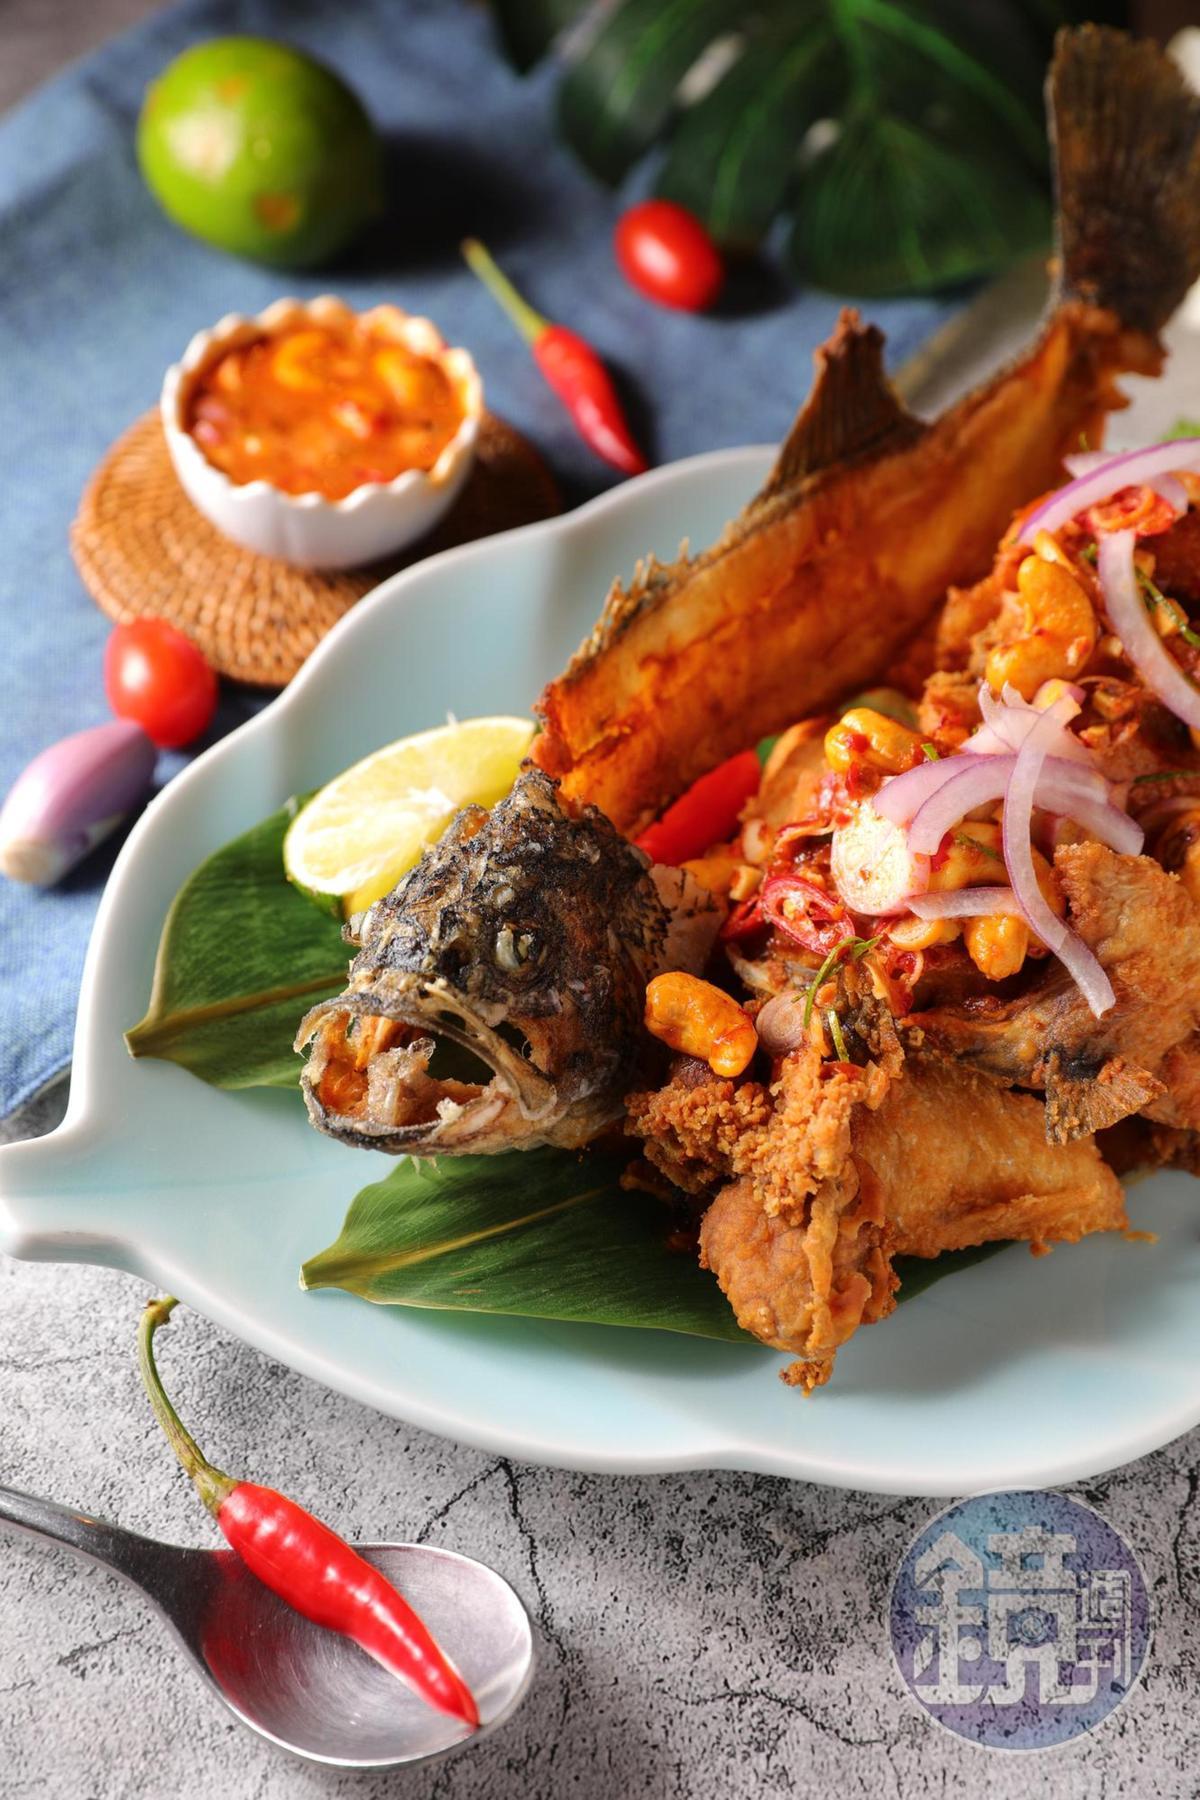 「酥炸羅望高山鱸魚」選用肥度適中、一斤重的加州鱸魚,去刺、炸成適口大小,搭配羅望子醬一起吃,香茅味濃,酸滋滋地很討喜。(585元/大份)